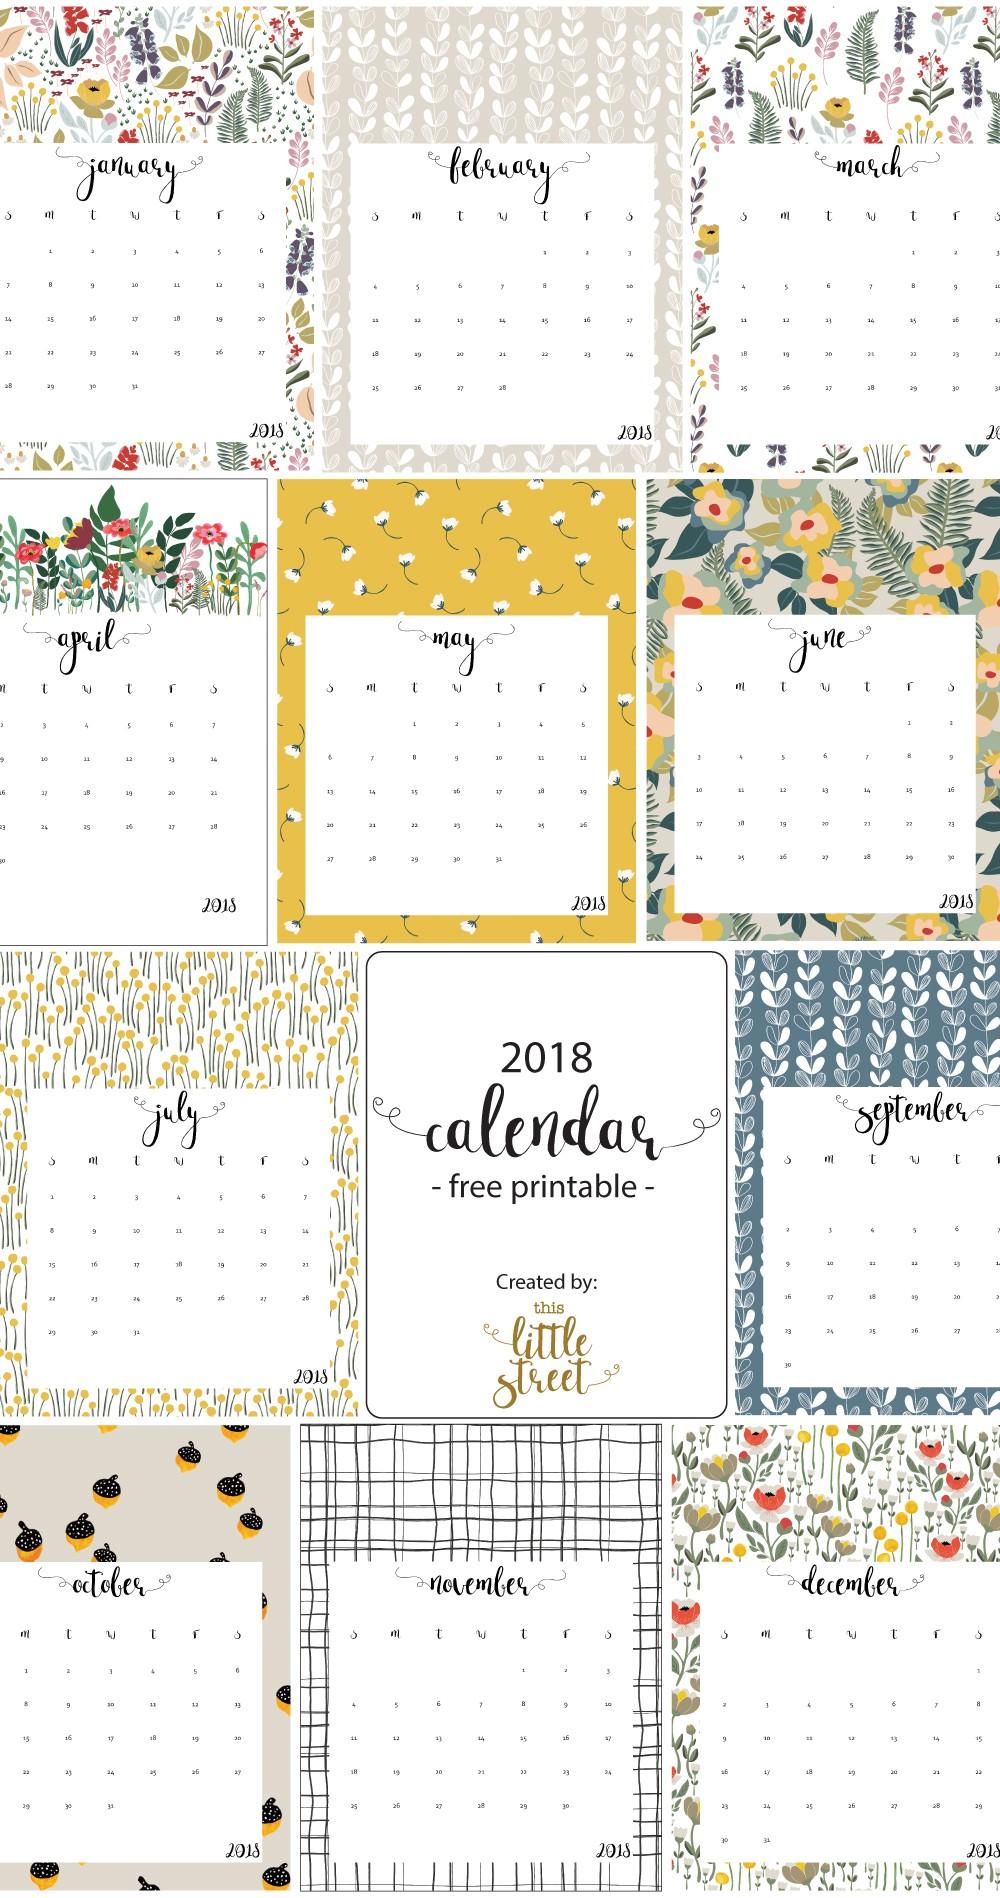 Free Printable Calendar Com 2018 Calendar Free Printable